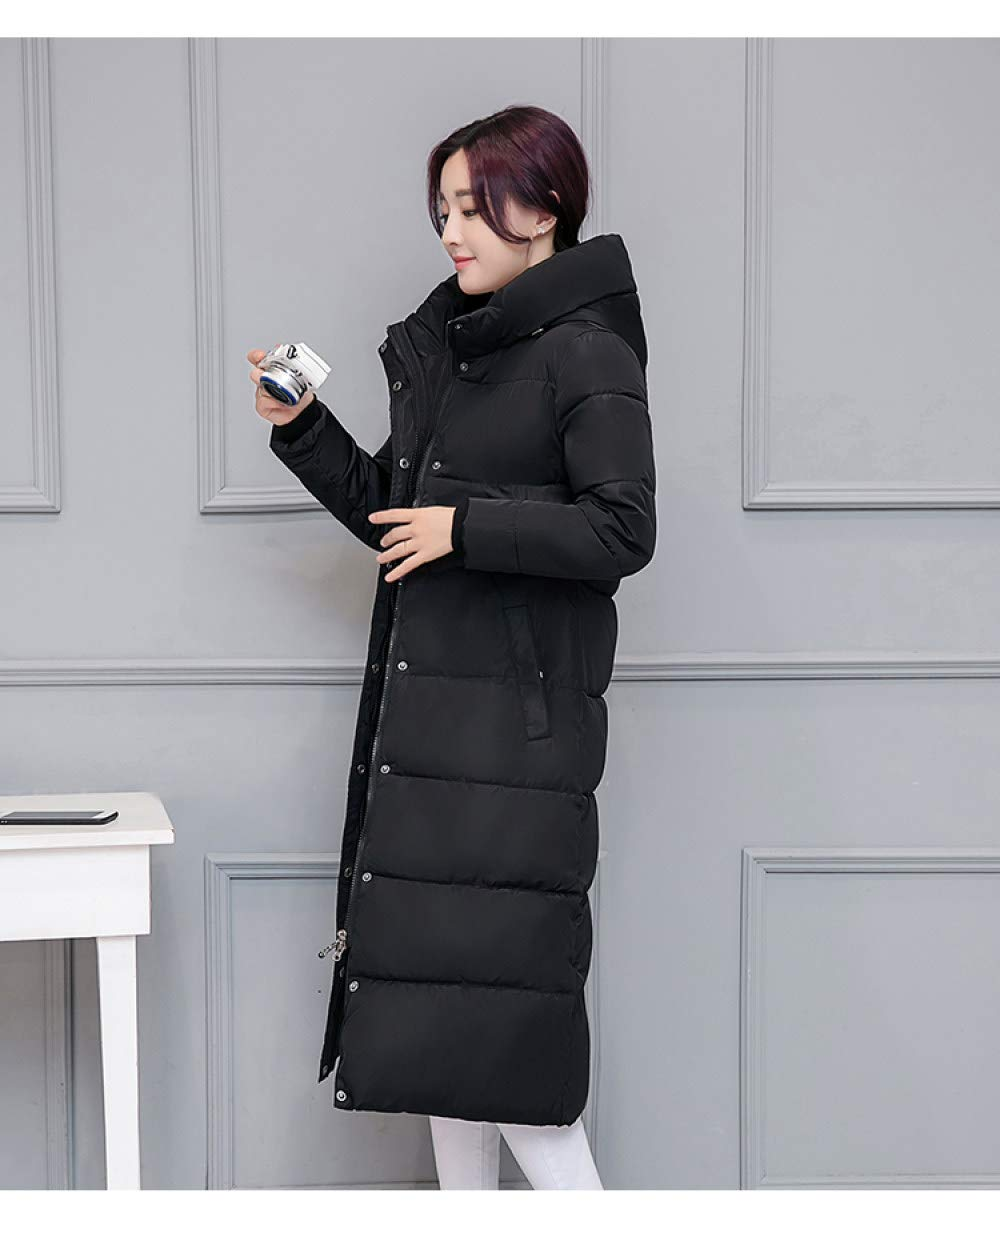 YIHANYI Doudoune Manteau Parker Dames d'hiver Doudoune en Coton Veste Fashion Manteau Long Manteau Veste Noir